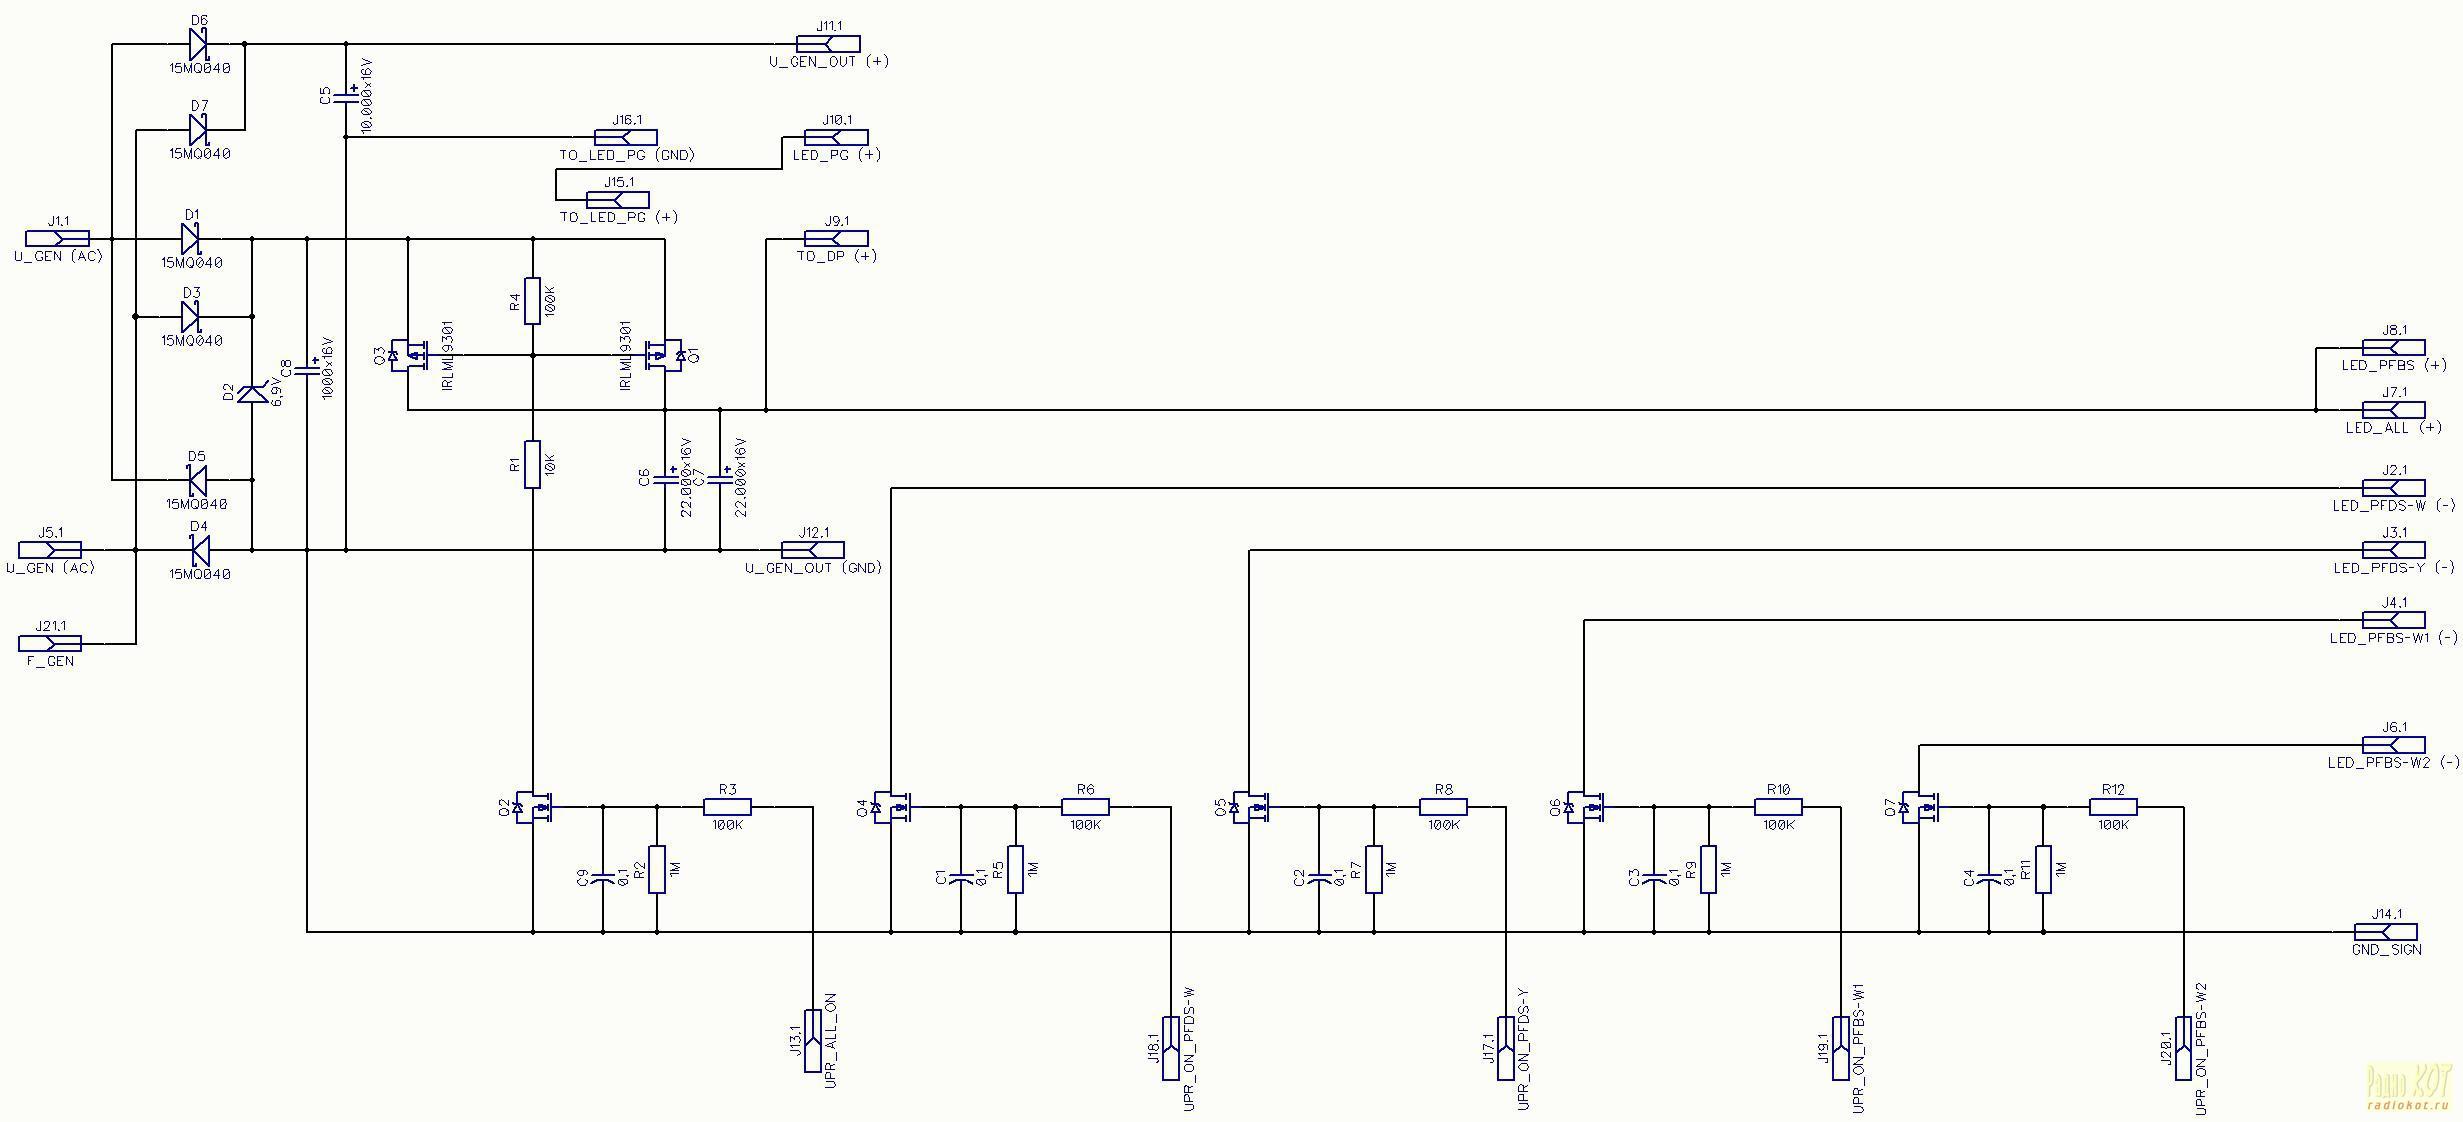 эл.схема диодного моста(выпрямитель)